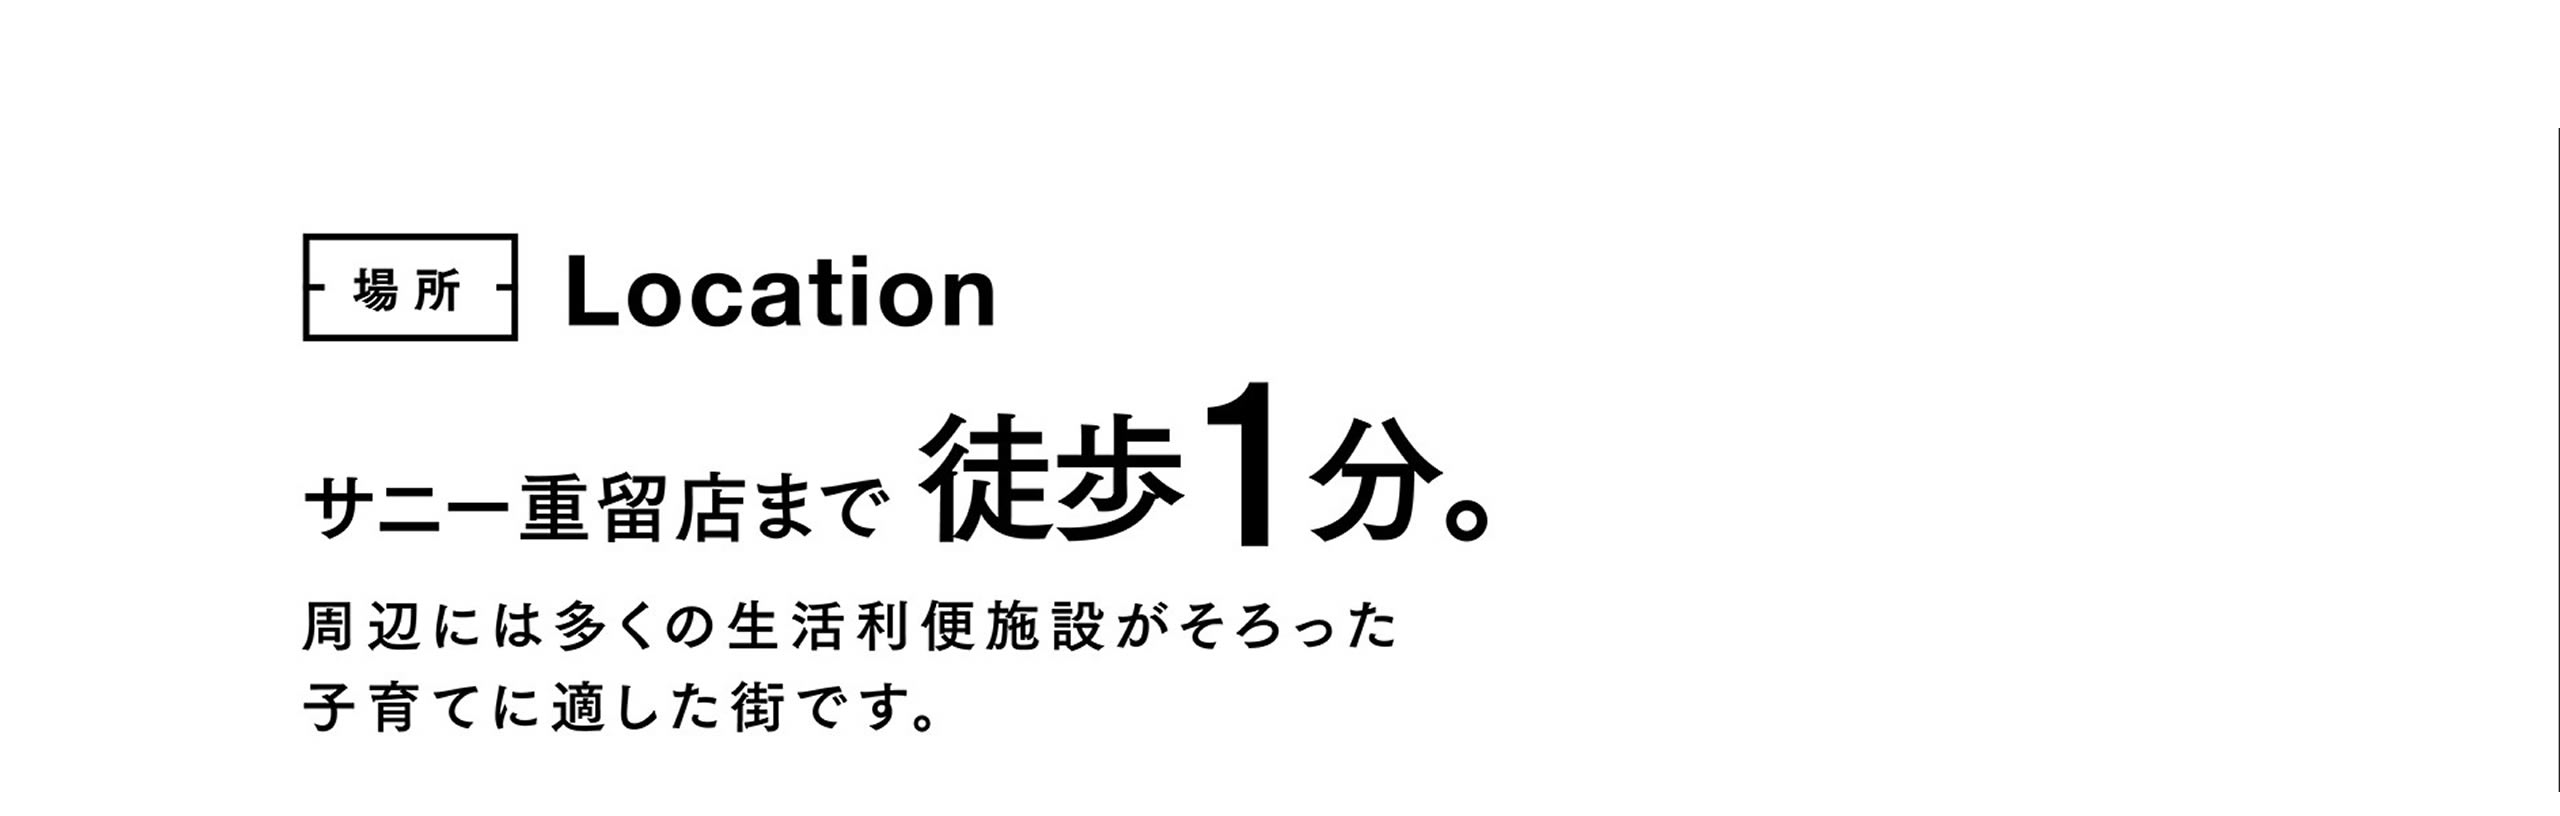 場所:サニー重留店まで徒歩1分。福岡県福岡市早良区にある新築一戸建て・土地・宅地「フィットコート重留 (建築条件付宅地分譲)」のご紹介。